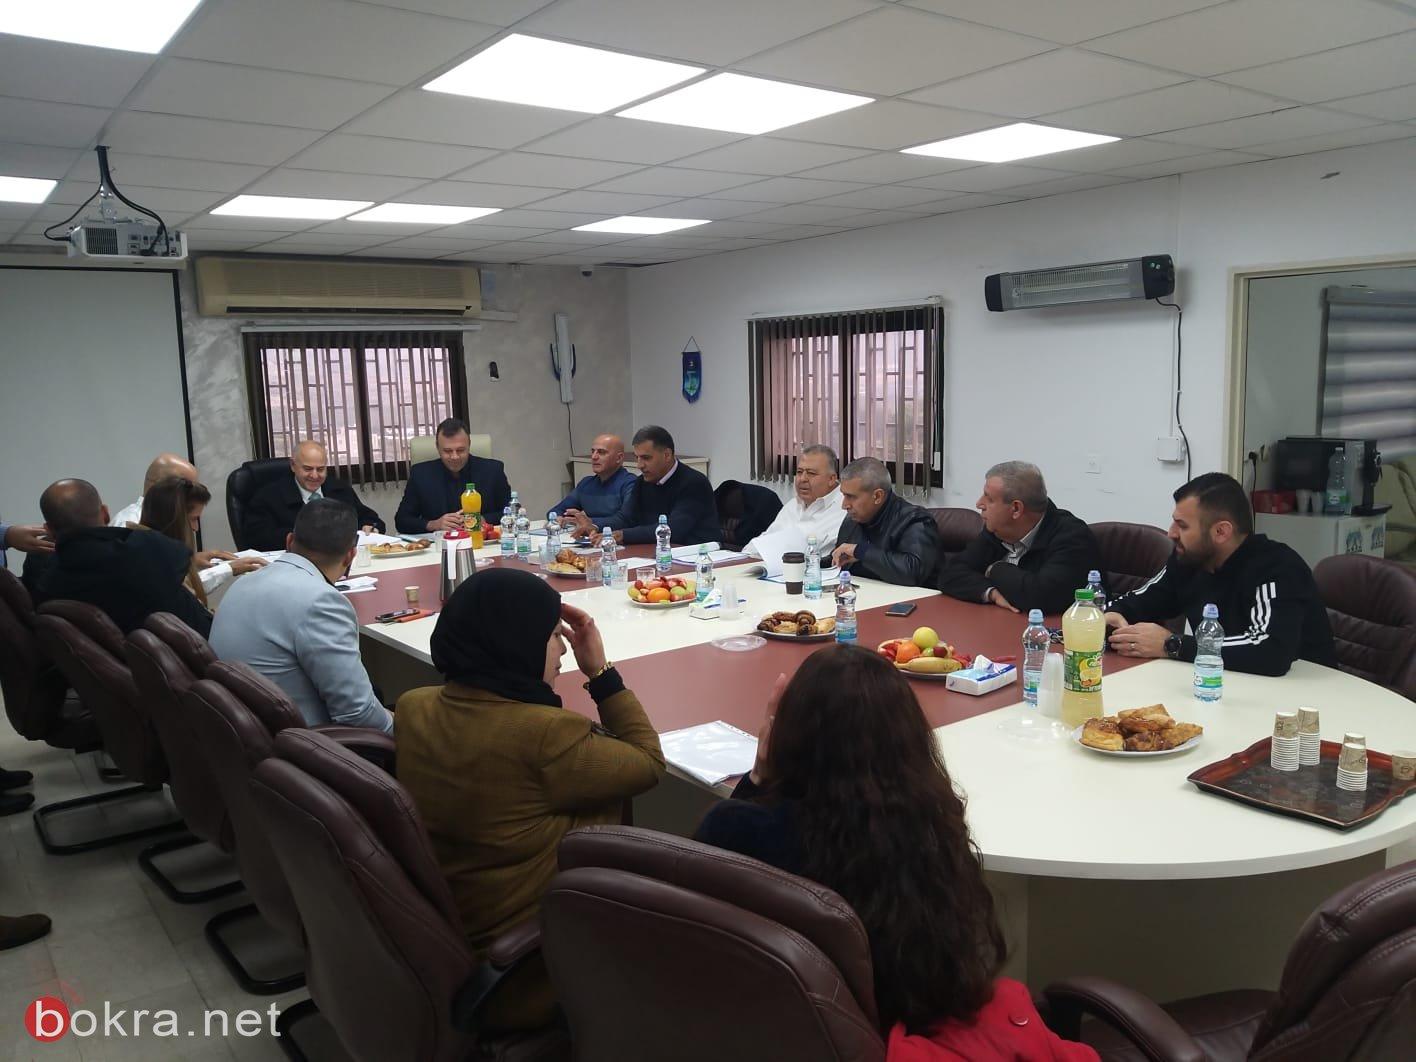 زيارة المدير العام للوزارة شموئيل أبواب لبلدات جث،بستان المرج ونحف -3